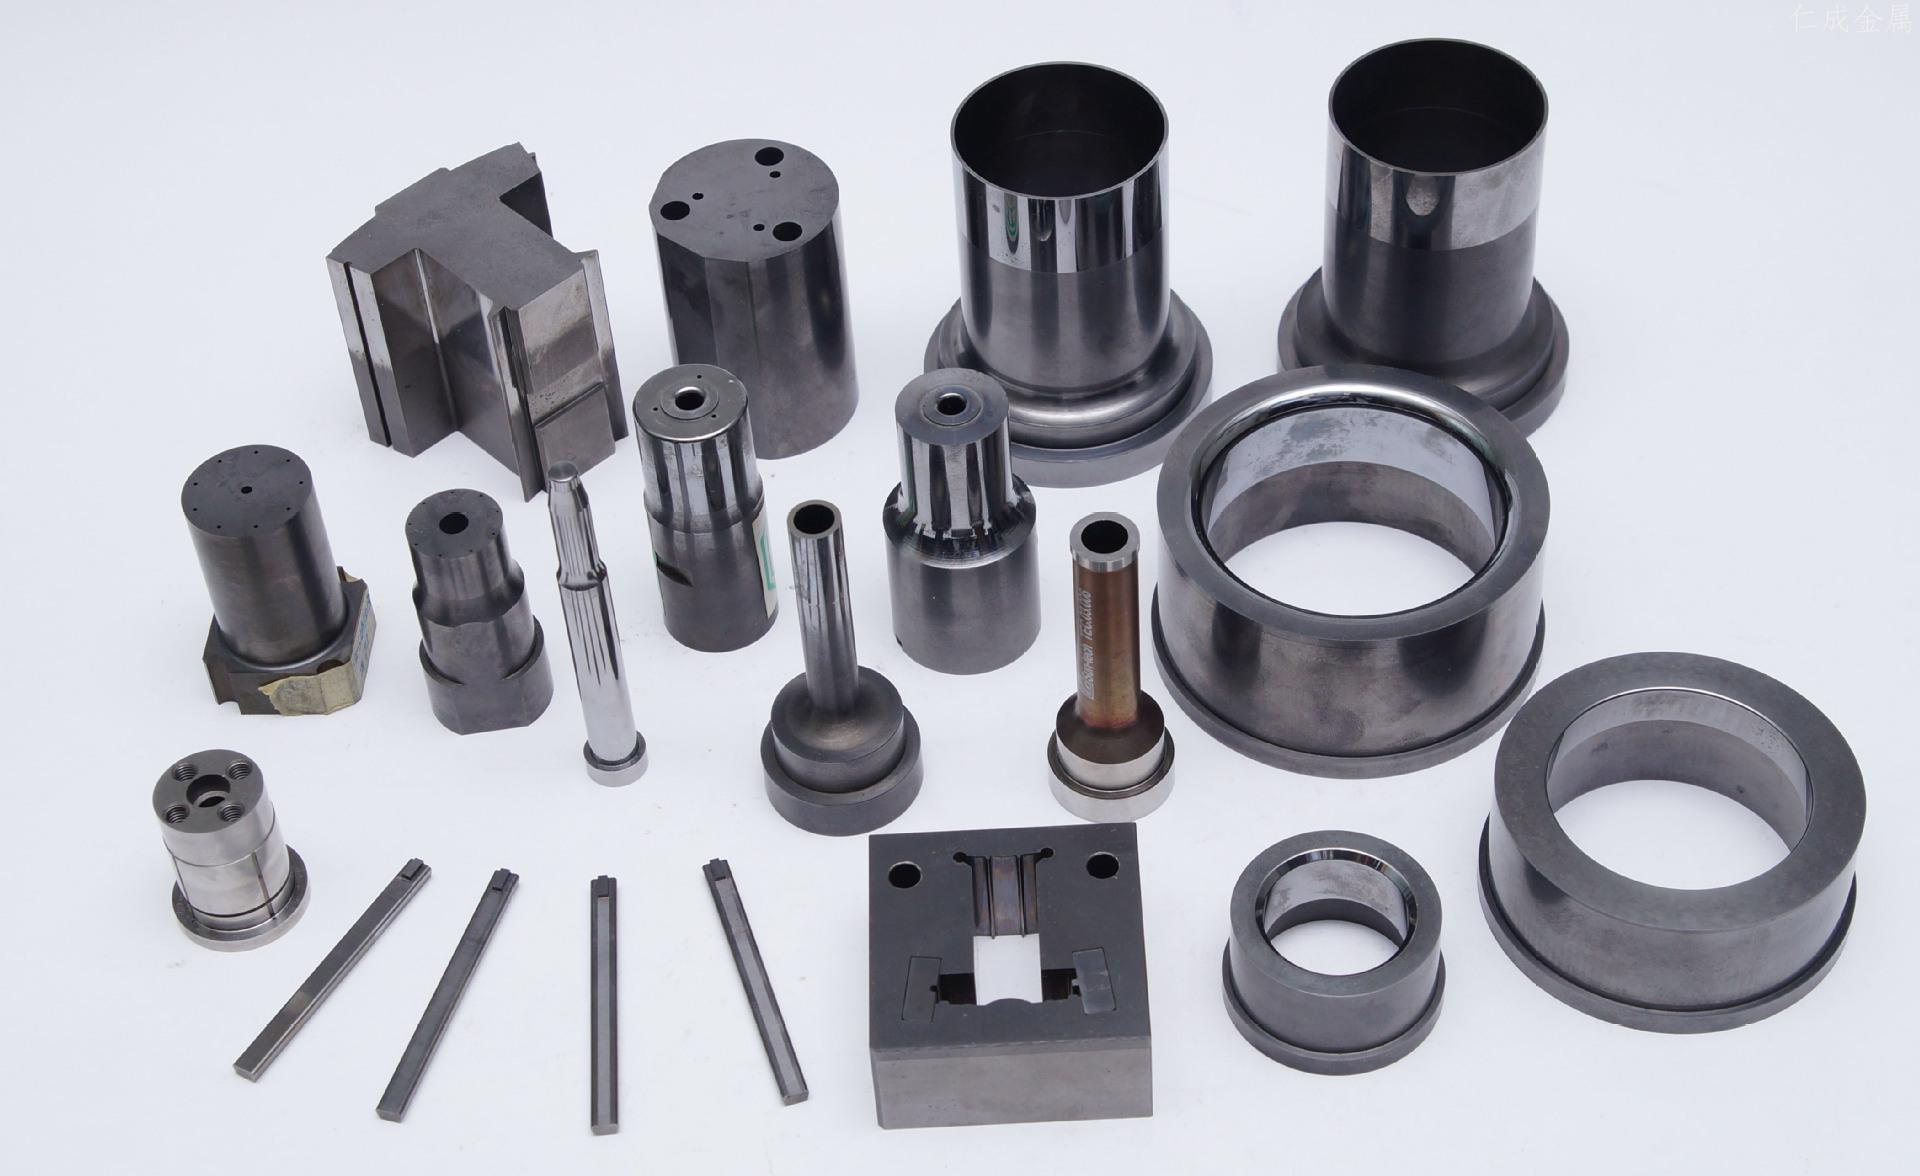 仁成金属生产高精度机械部件